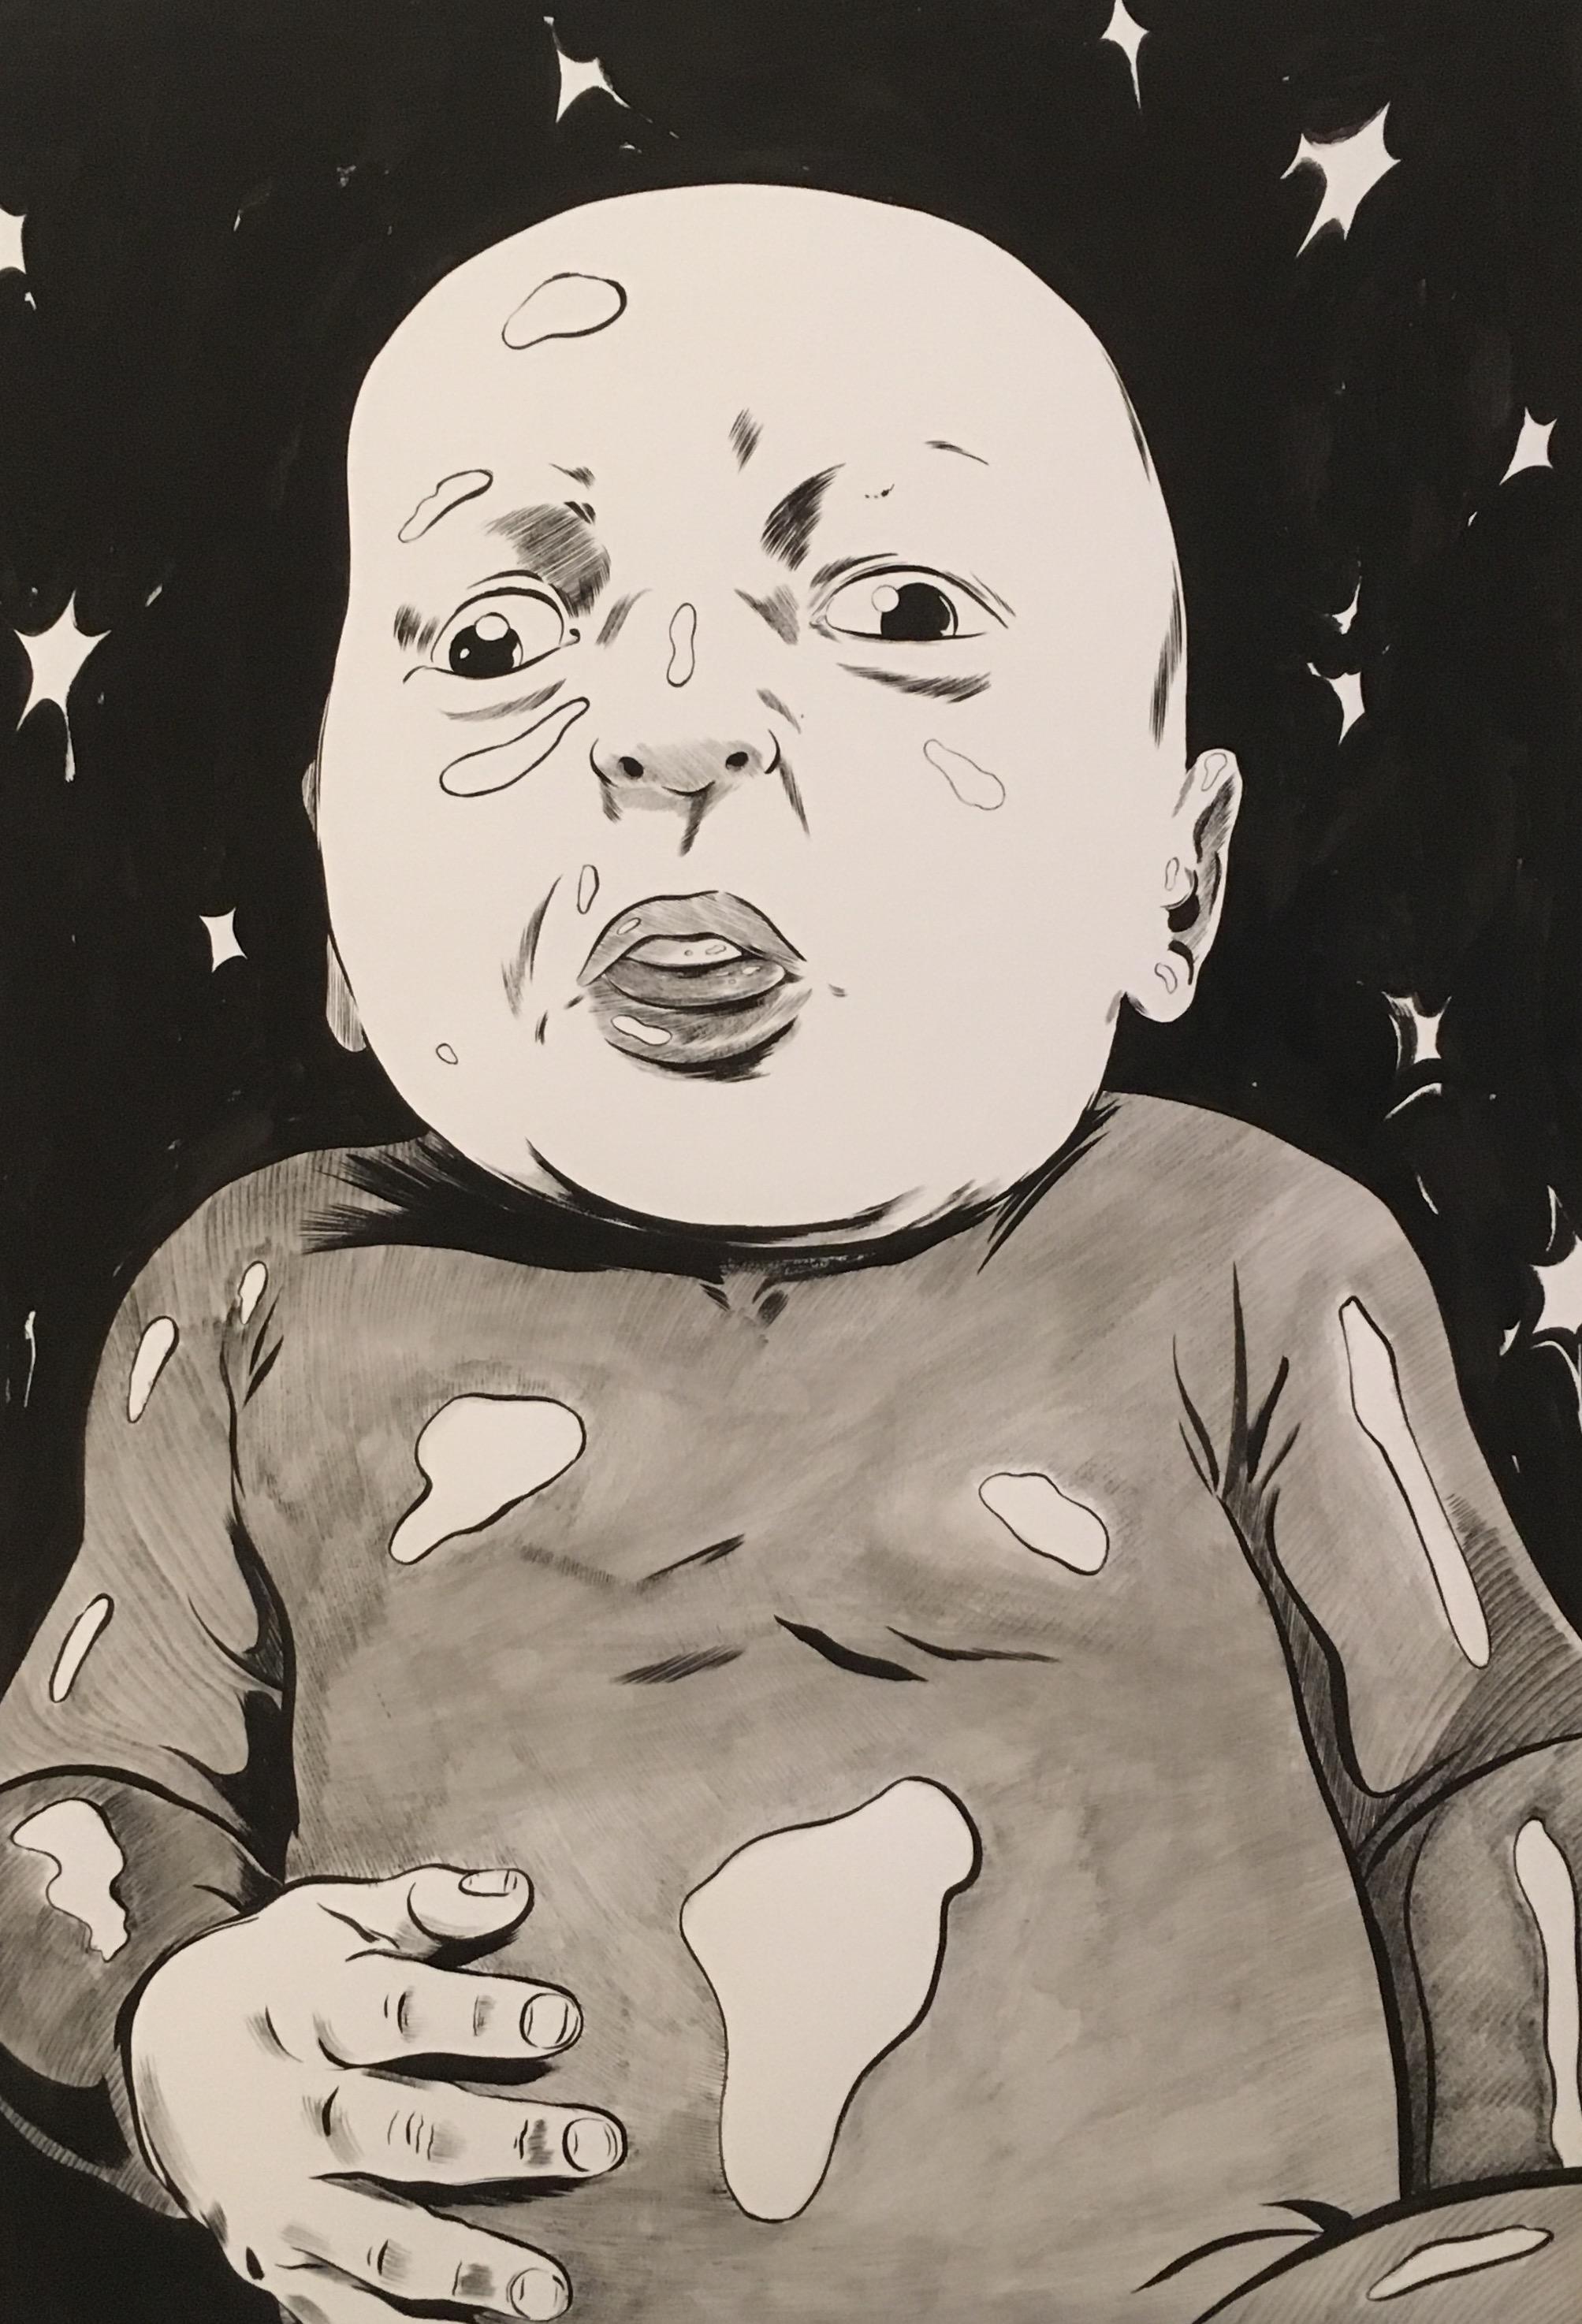 Bébé | GALERIE TREIZE-DIX I UGO BIENVENU x UGO BIENVENU | Bébé